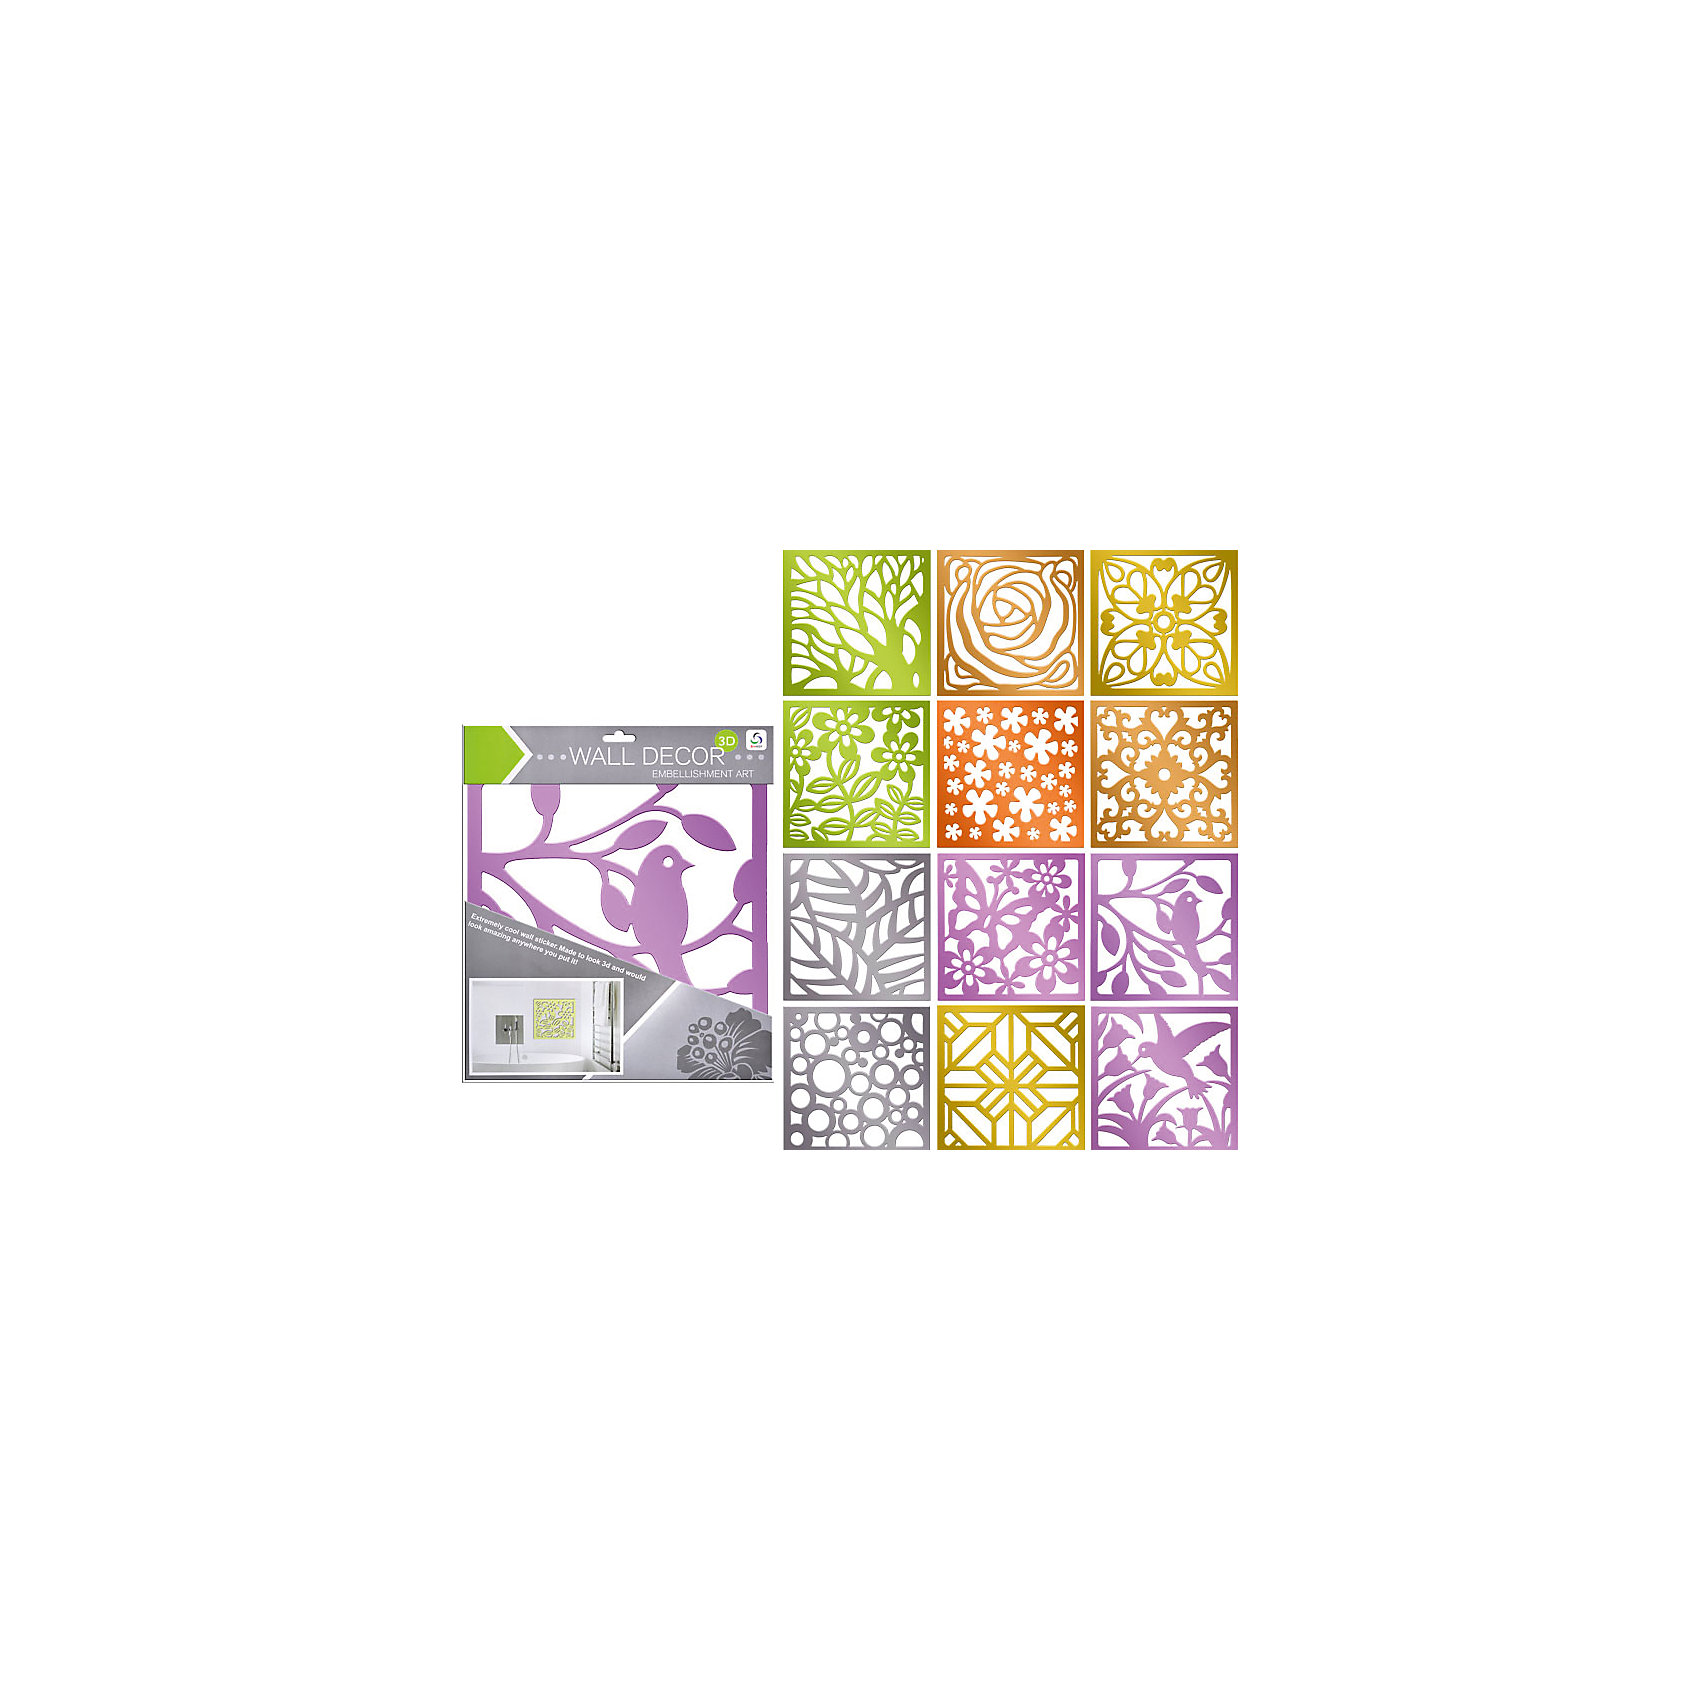 Зеркальная наклейка 30*30 см (в ассортименте)Зеркальная наклейка 30*30 см (в ассортименте) прекрасно подойдет для декора Вашего интерьера. Благодаря самоклеящейся поверхности легко наклеивается на любую ровную поверхность (стену, кафель, дверь, окно и др.) и также просто удаляется, не оставляя следов. <br><br>Характеристики:<br>-можно нанести практически на любую поверхность<br>-легко удаляются и не оставляют пятен<br>-помогут скрыть дефект и недостатки стен<br>-дают возможность проявить свою фантазию и выступить в роли дизайнера<br>-станут оригинальным подарком для друзей и родных<br><br>Дополнительная информация:<br>-Размеры: 30х30 см<br>-В ассортименте: 12 дизайнов (заранее выбрать невозможно, при заказе нескольких возможно получение одинаковых)<br>-Материалы: ПВХ<br><br>Зеркальная наклейка – прекрасное решение, которое позволит преобразить и оживить Ваш интерьер за минуту!<br><br>Зеркальную наклейку 30*30 см (в ассортименте) можно купить в нашем магазине.<br><br>Ширина мм: 300<br>Глубина мм: 300<br>Высота мм: 10<br>Вес г: 100<br>Возраст от месяцев: 36<br>Возраст до месяцев: 216<br>Пол: Унисекс<br>Возраст: Детский<br>SKU: 4040370